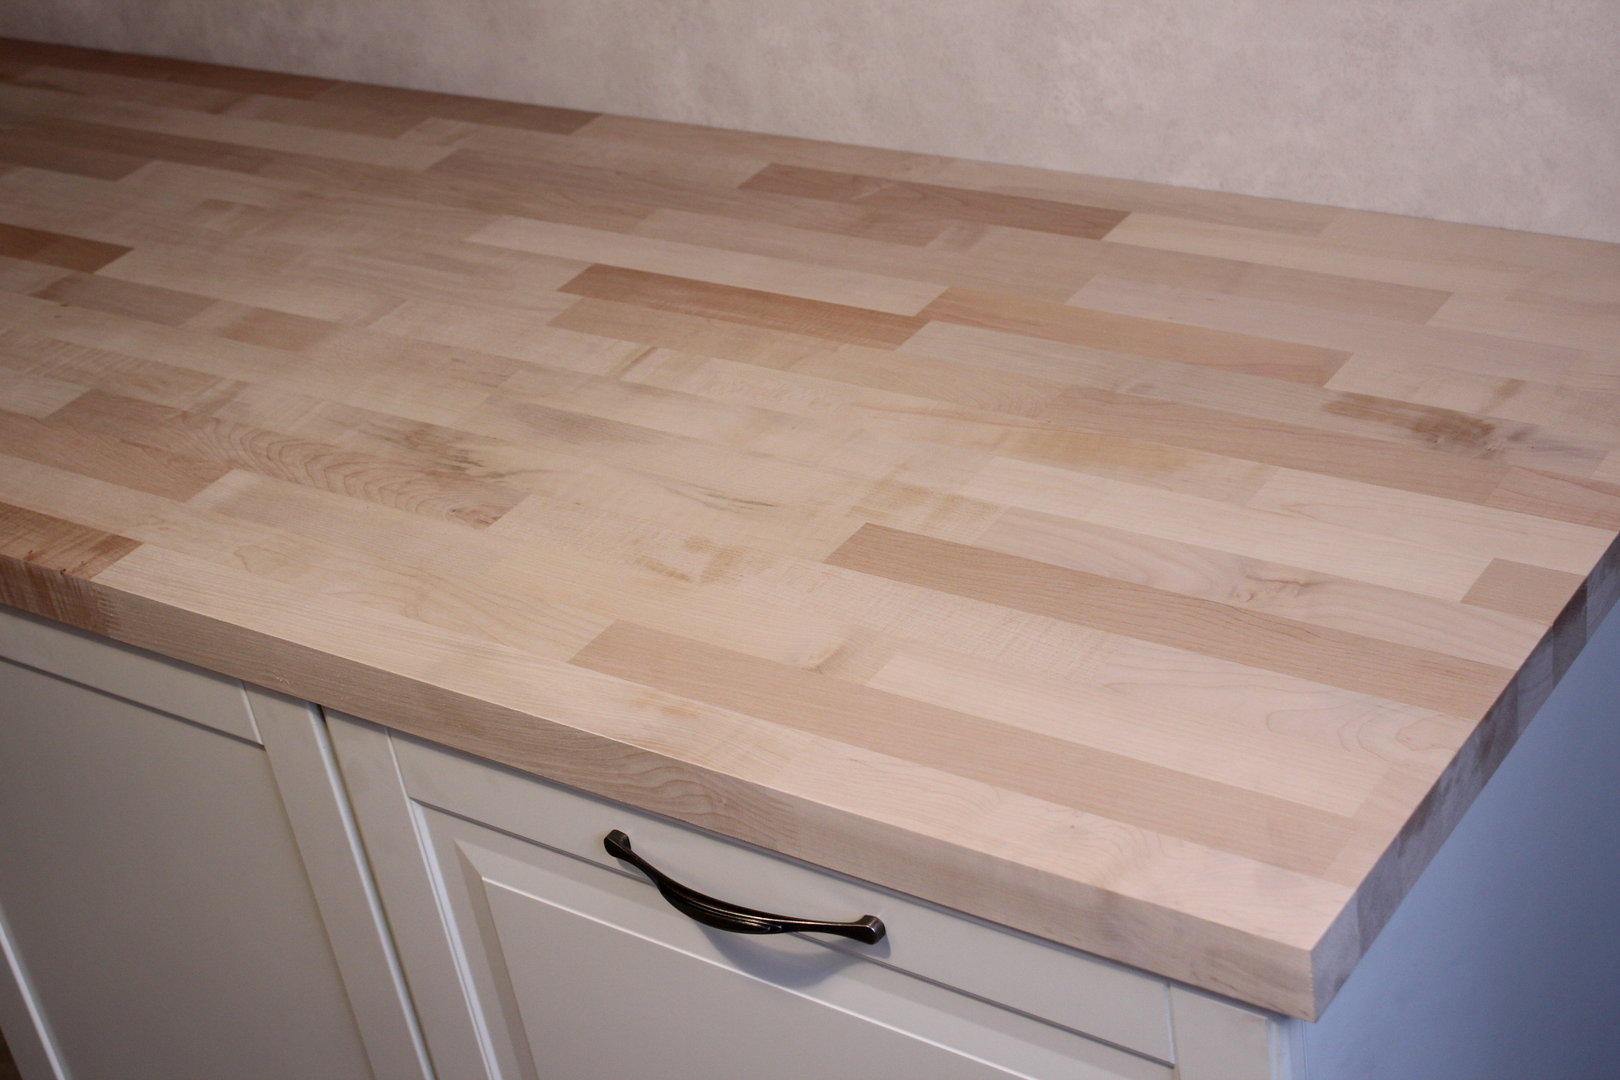 arbeitsplatte k chenarbeitsplatte massivholz wildahorn fsc 40 3050 650. Black Bedroom Furniture Sets. Home Design Ideas